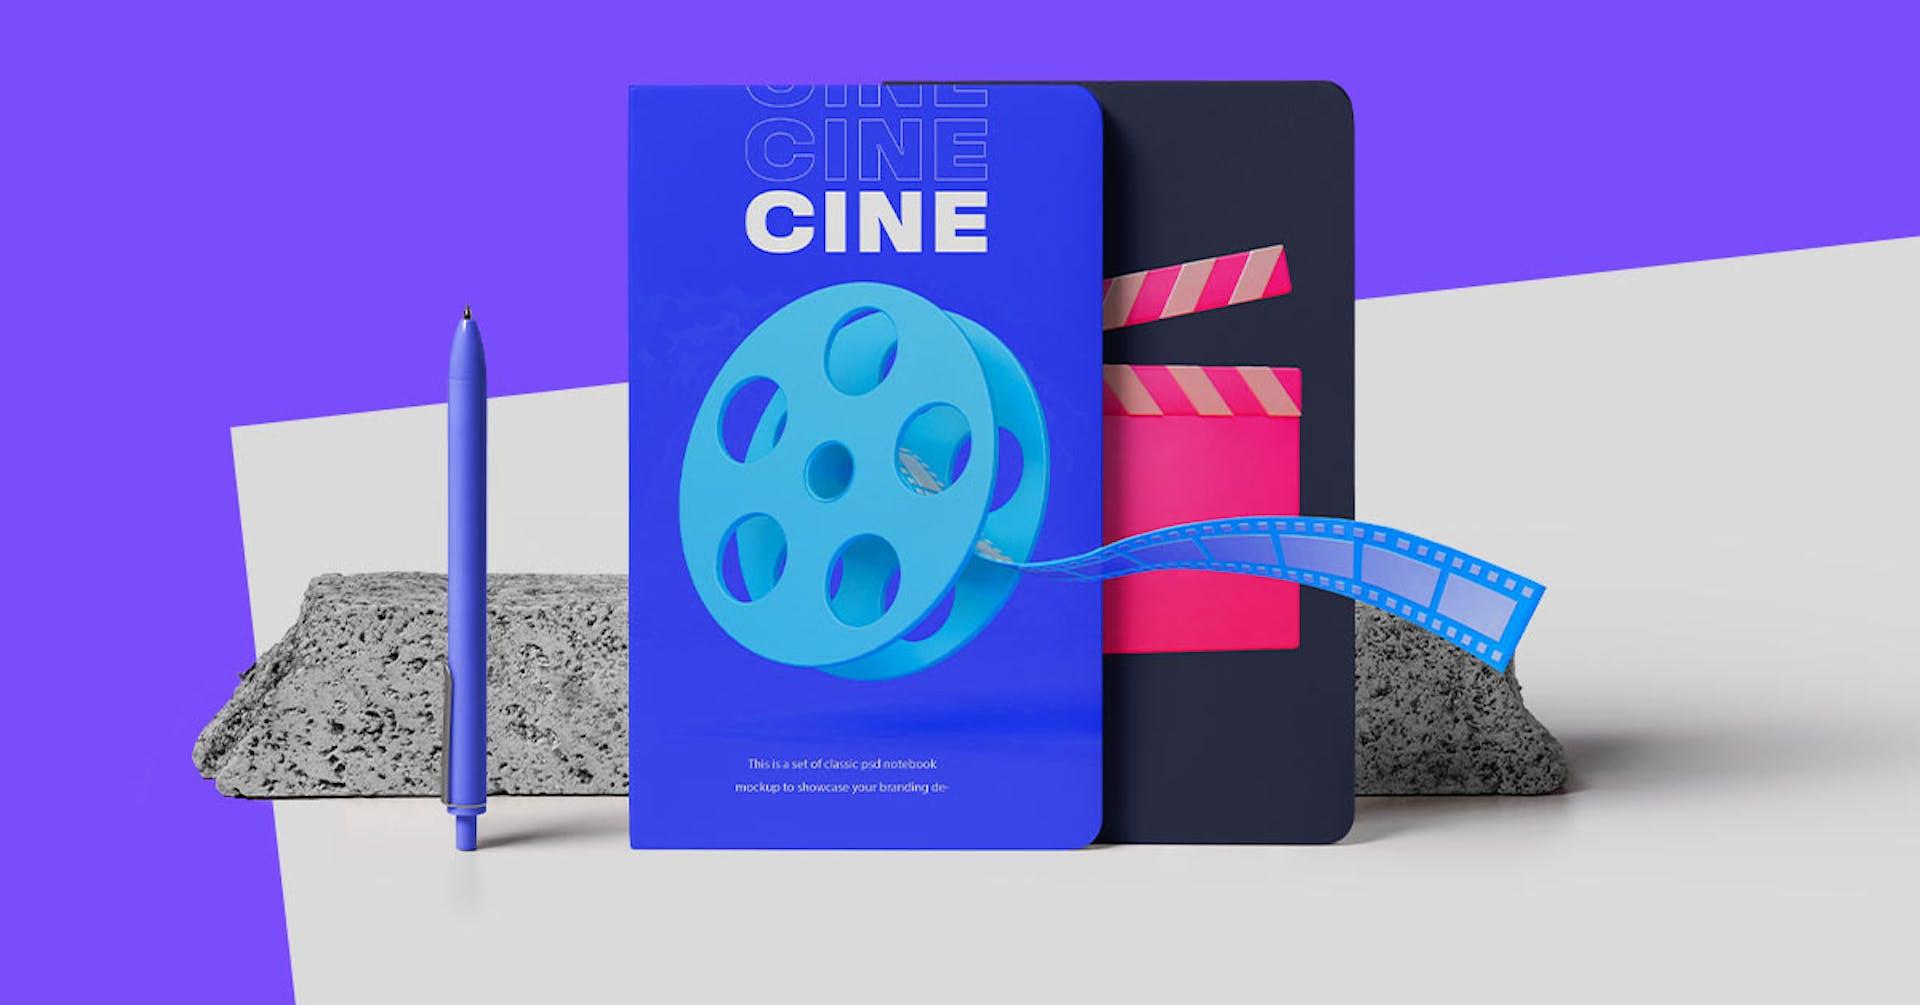 ¡3 libros sobre cine que tienes que leer!